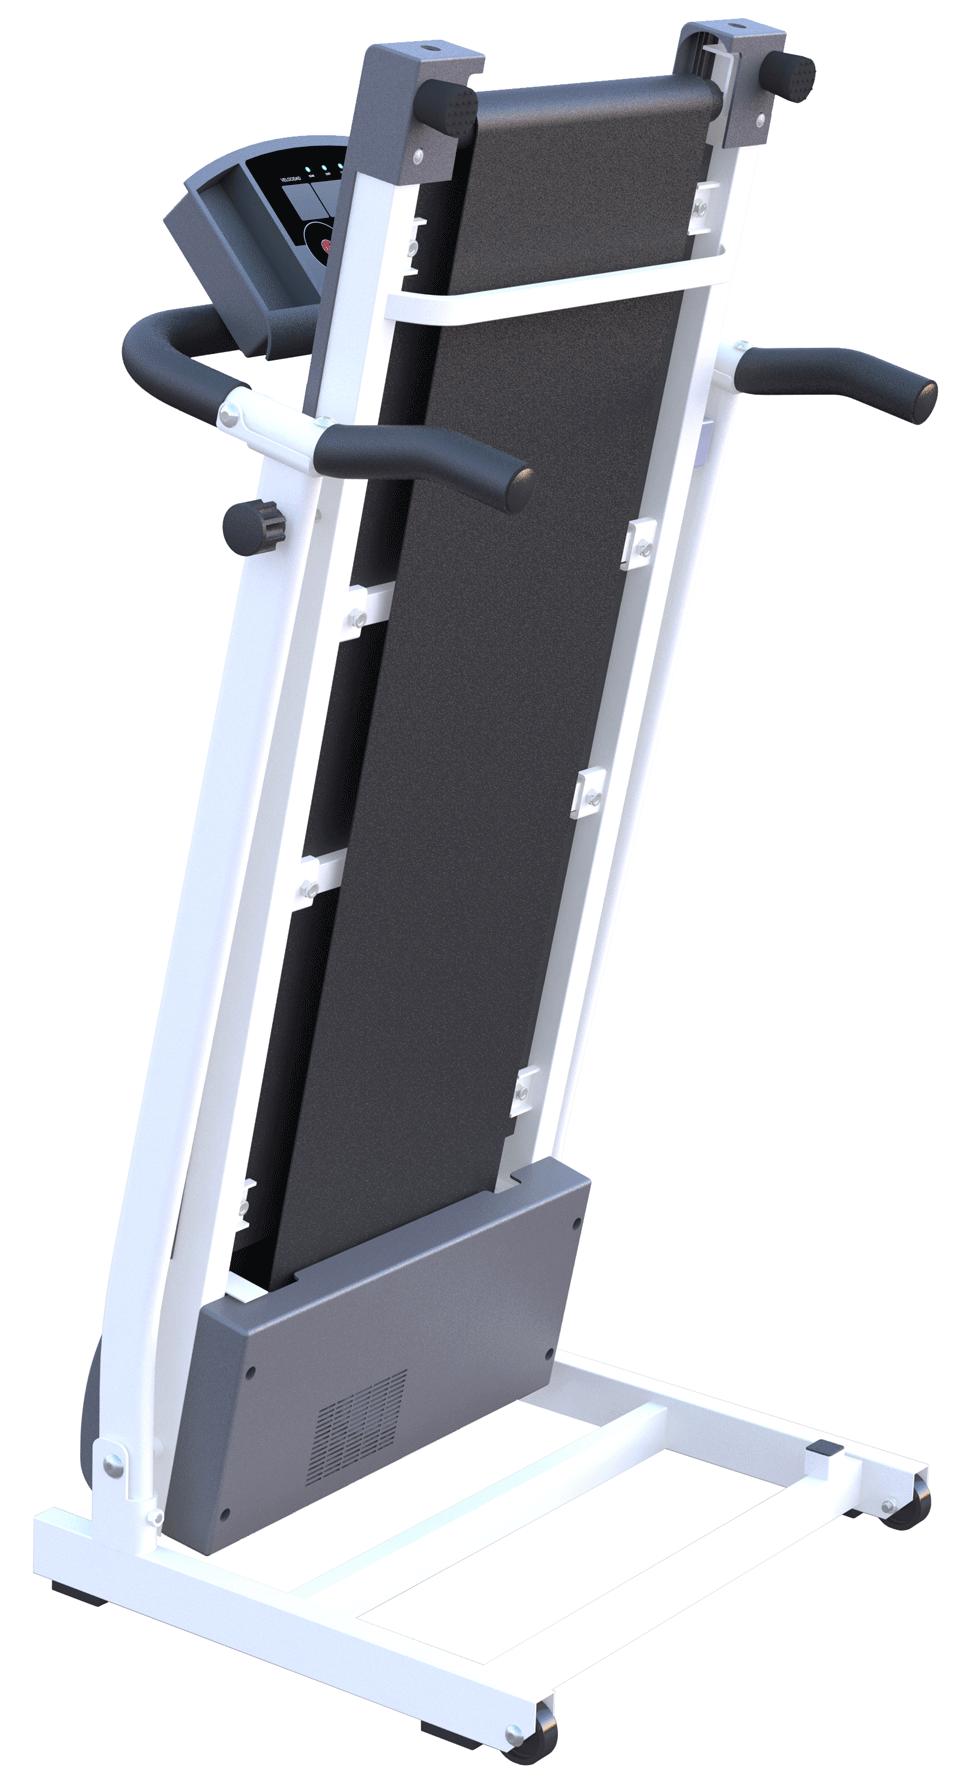 Home Workout Equipment Best Home Treadmill Small Treadmill Buy - Small treadmill for home